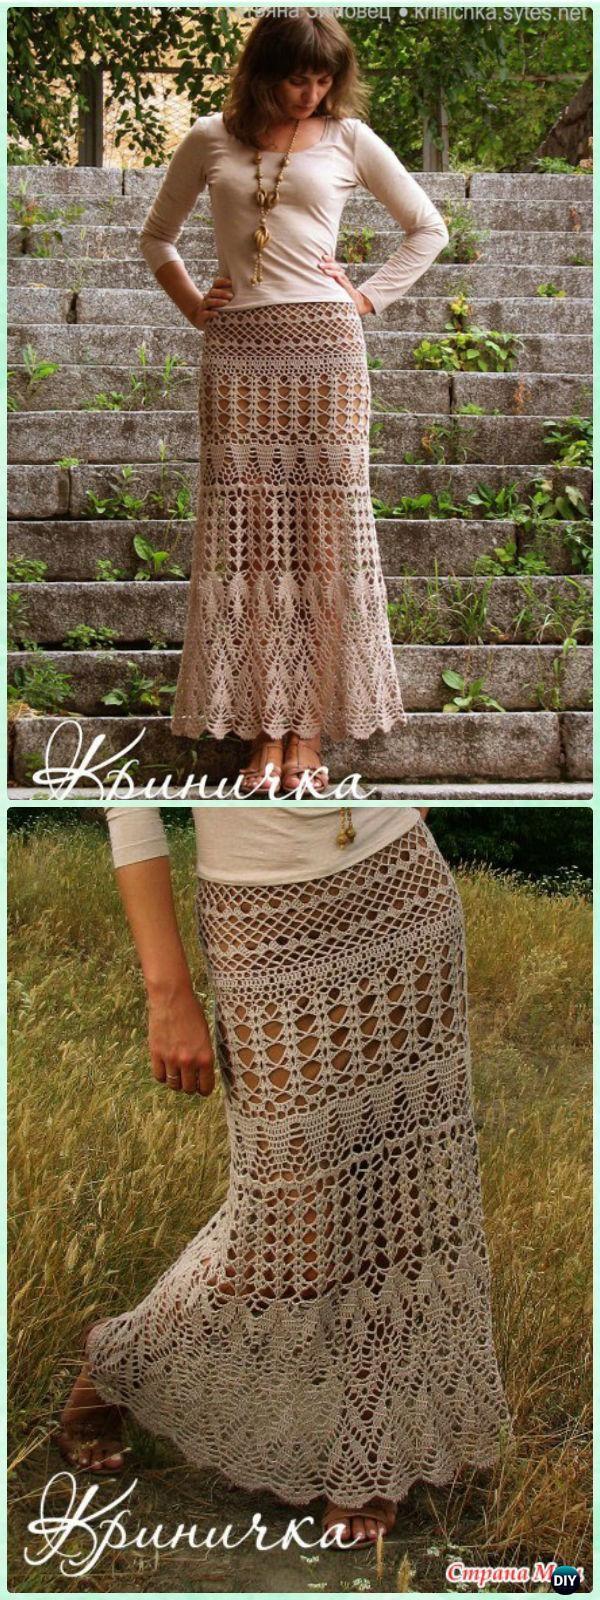 Crochet Evening Lace Maxi Skirt Free Diagram - Crochet Women Skirt ...